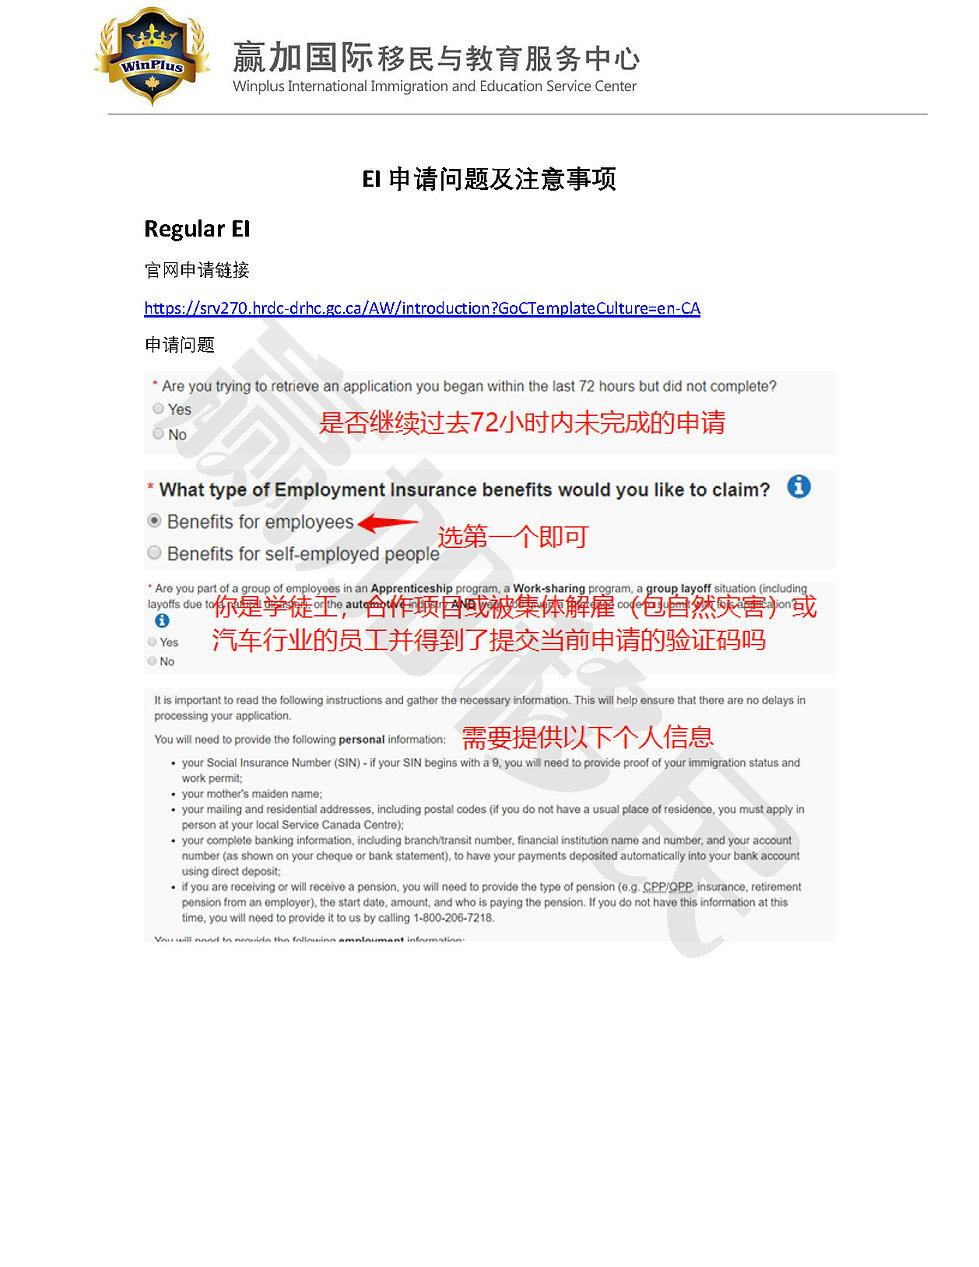 EI申请流程_Page_01.jpg